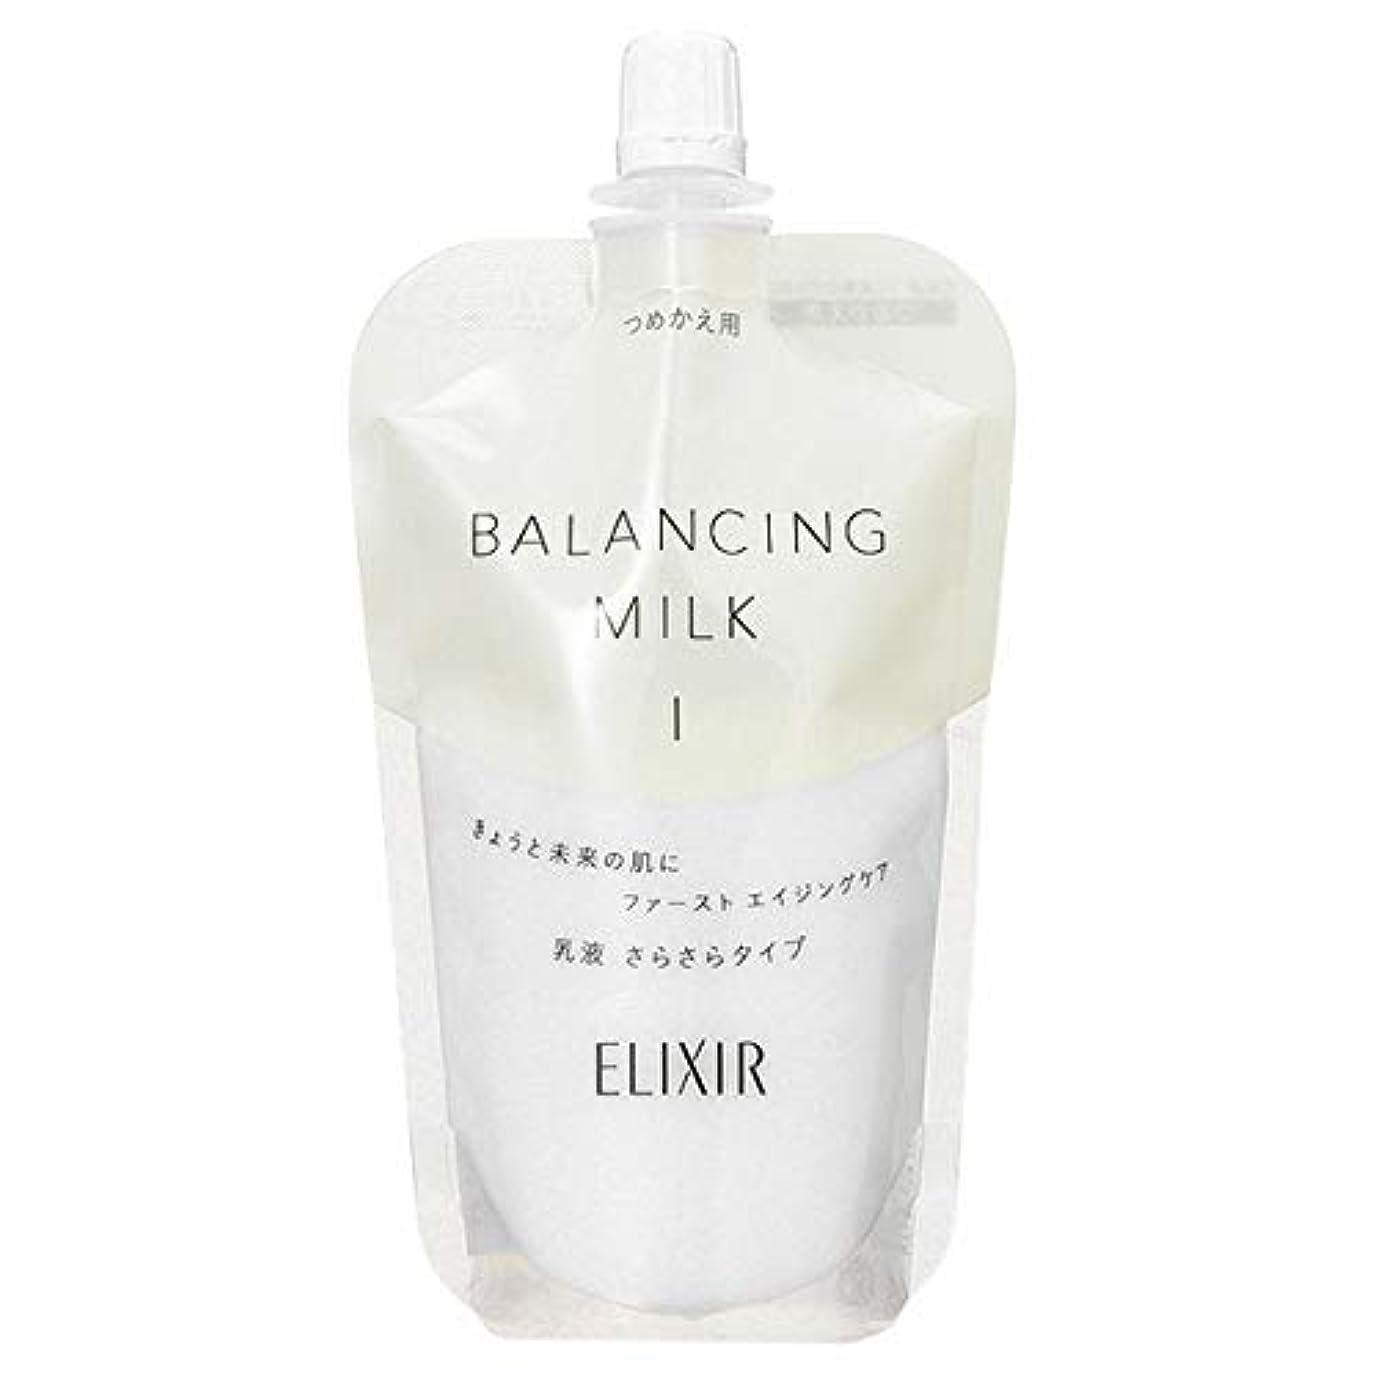 持っている道に迷いましたエッセンスシセイドウ 資生堂 エリクシール ルフレ バランシング ミルク (つめかえ用) 110mL II とろとろタイプ (在庫) [並行輸入品]